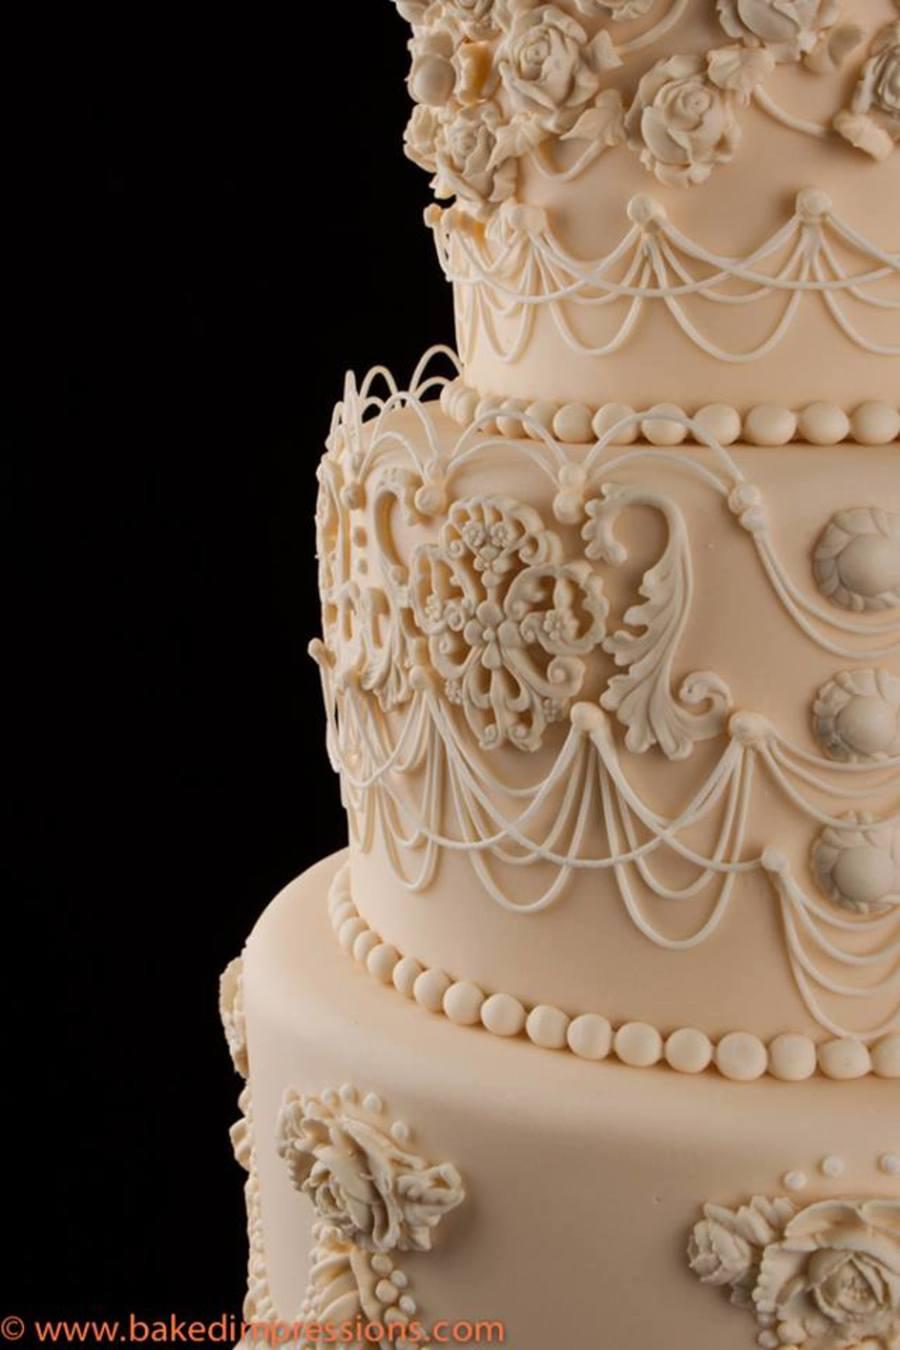 String Work Wedding Cake